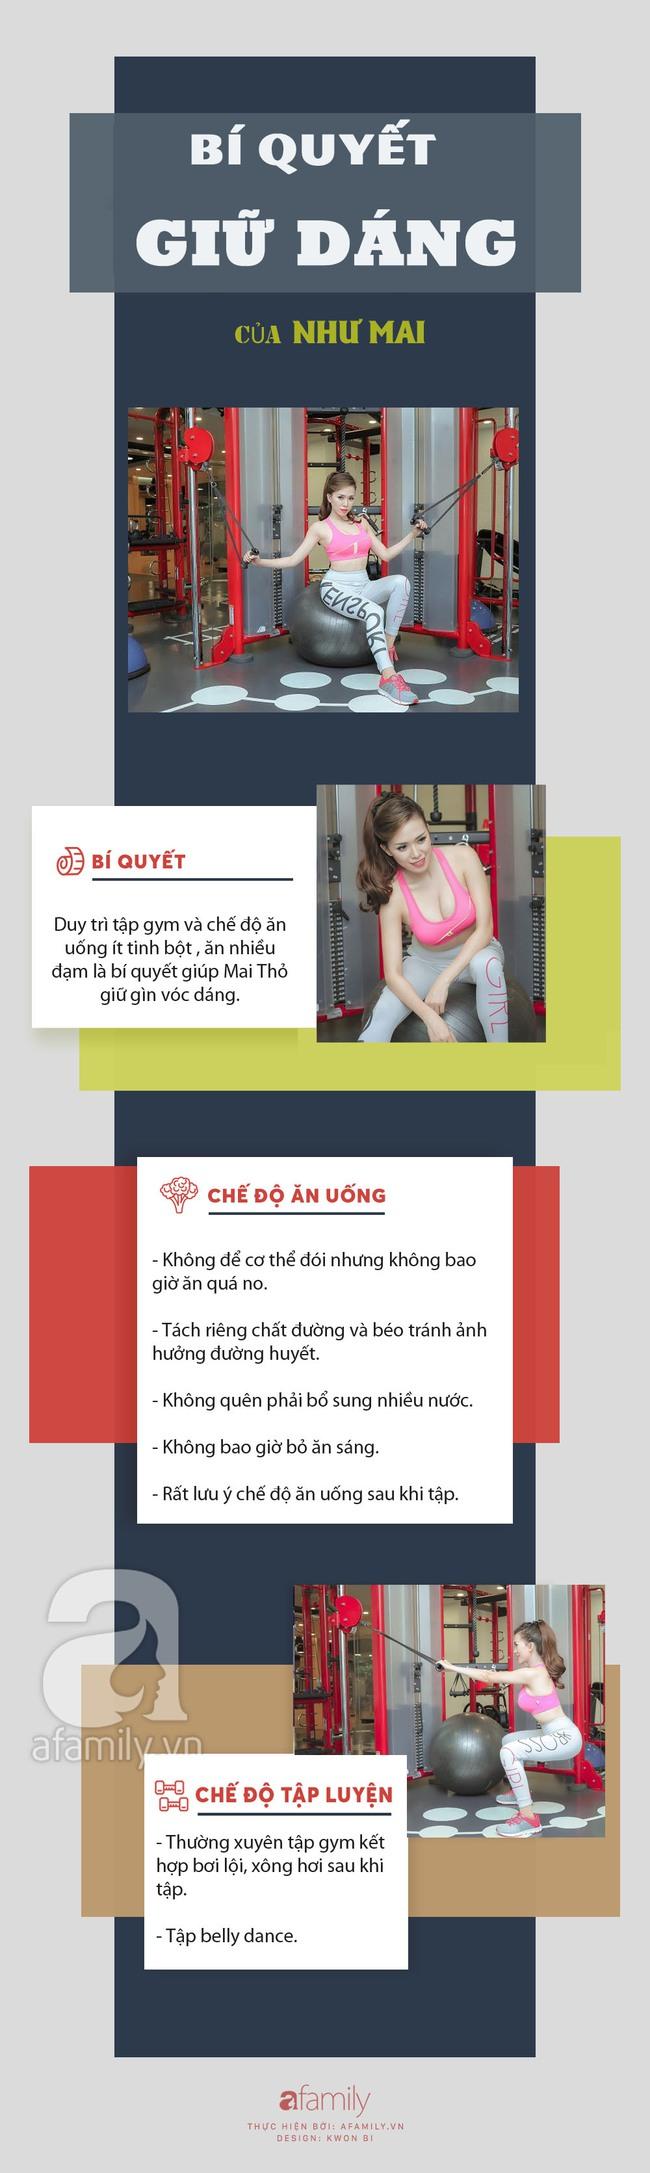 Quan niệm ăn uống và tập luyện giữ dáng của hot girl Mai Thỏ: Tăng cơ chứ không tăng mỡ - Ảnh 11.